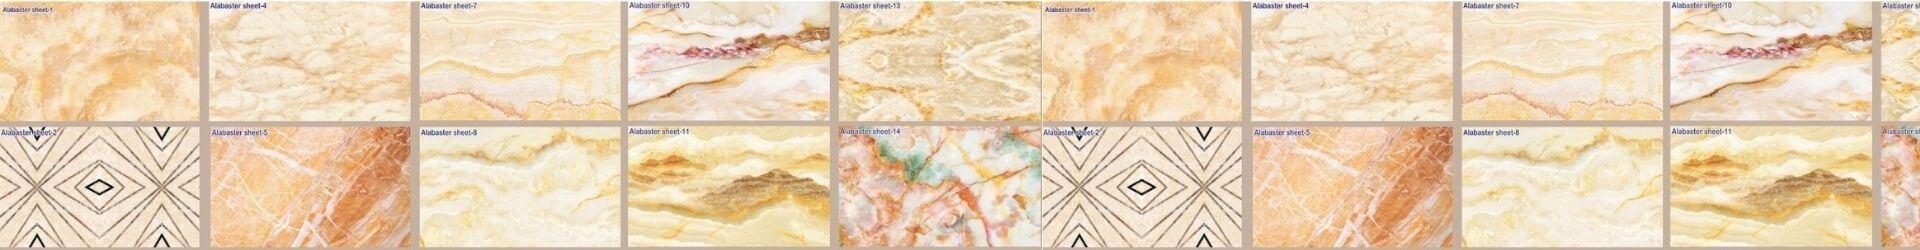 alabaster sheet, alabaster sheet texture, alabaster sheet price, alabaster sheet thickness, alabaster sheet design